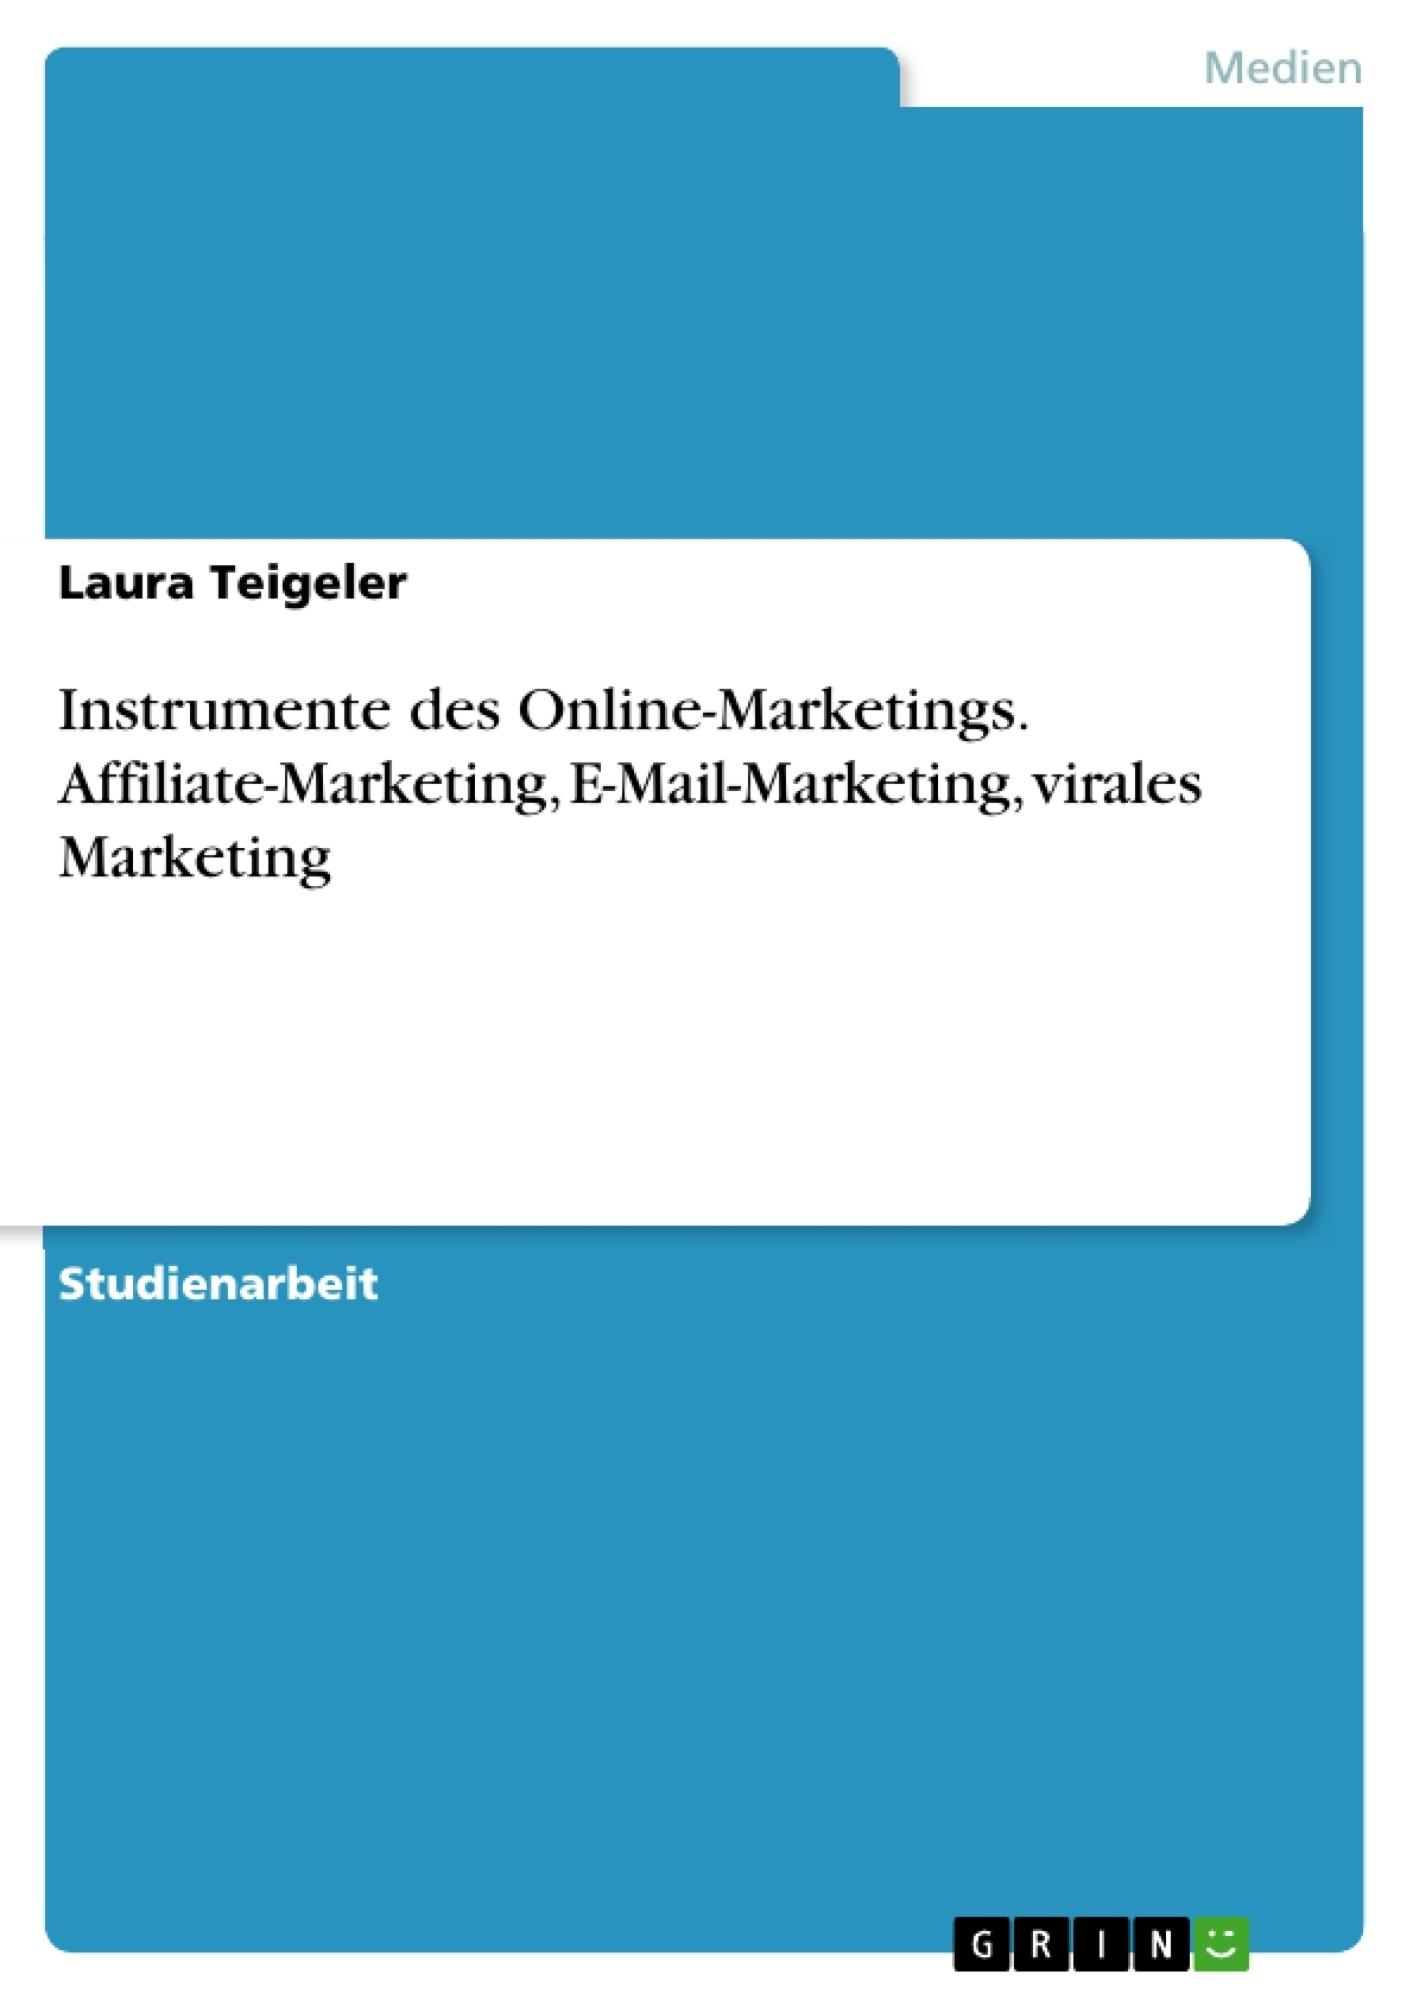 Titel: Instrumente des Online-Marketings. Affiliate-Marketing, E-Mail-Marketing, virales Marketing